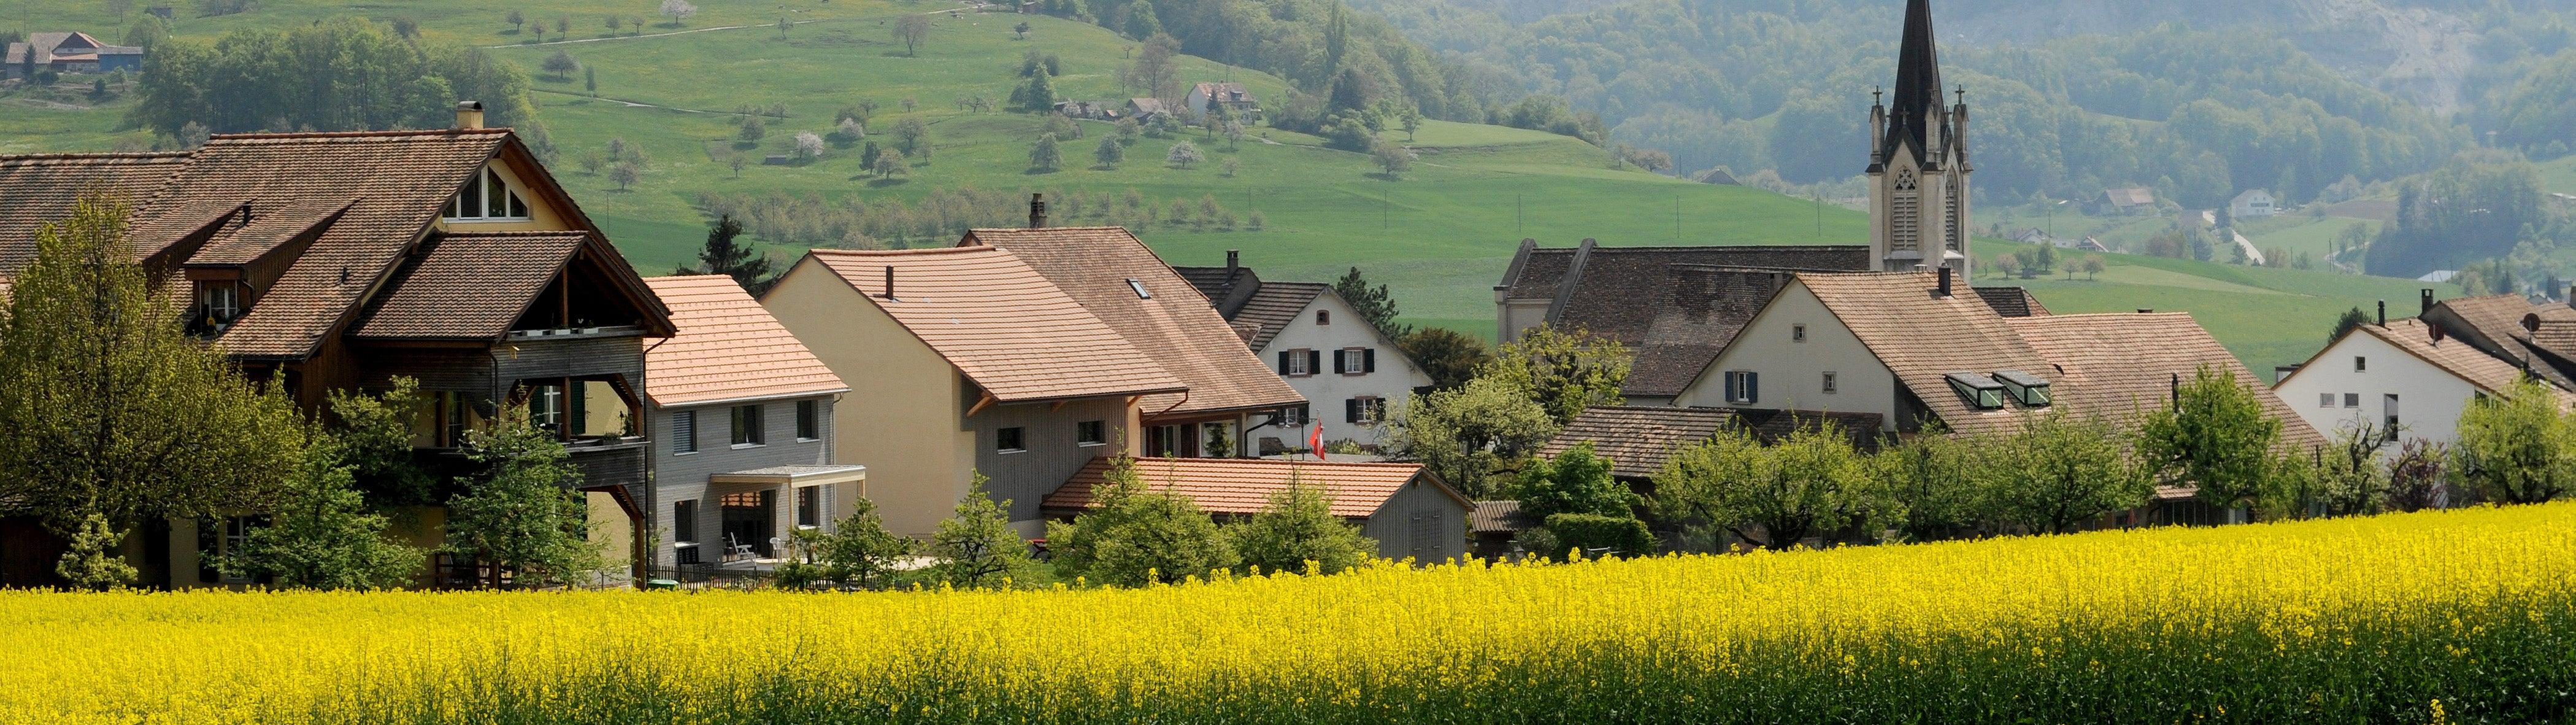 Kilchberg (BL)